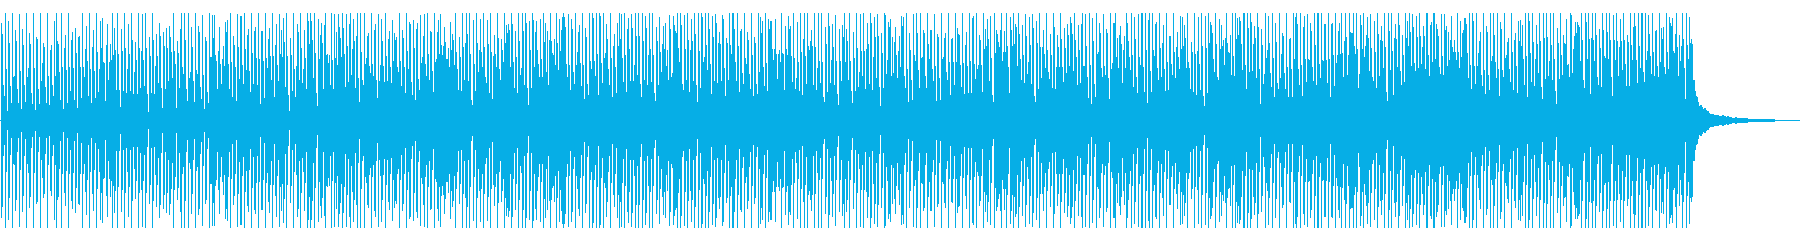 明るく朗らかなコンセプトムービー系の再生済みの波形